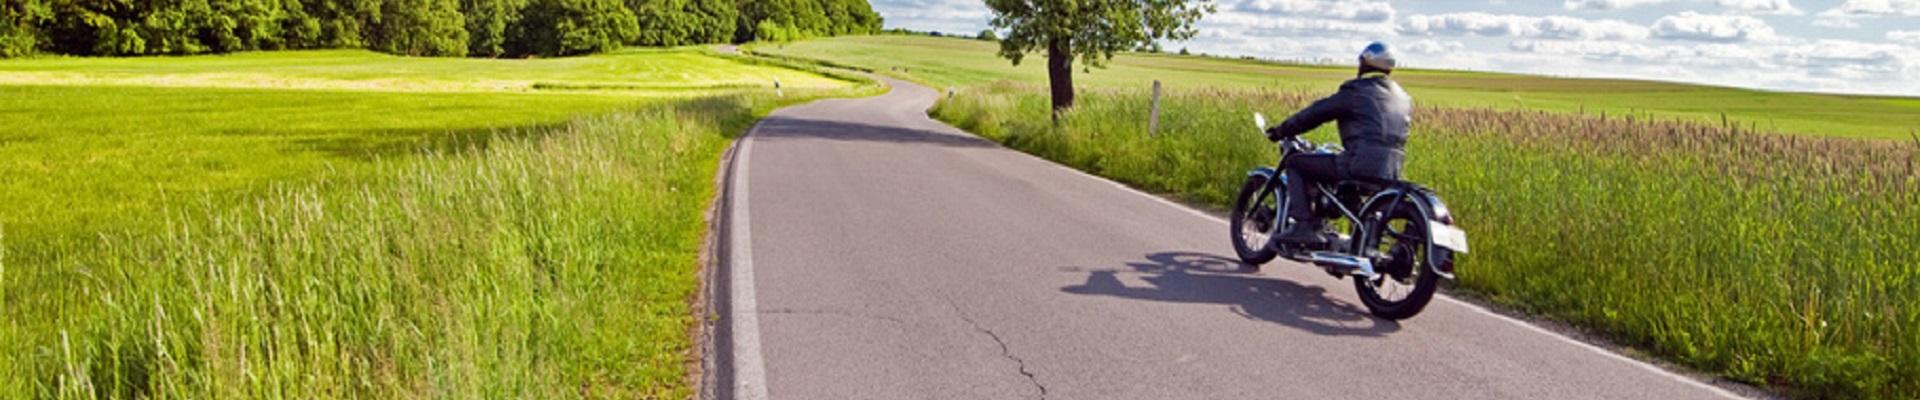 Ein Motorradfahrer fährt auf einer Landstraße mit einem Motorrad